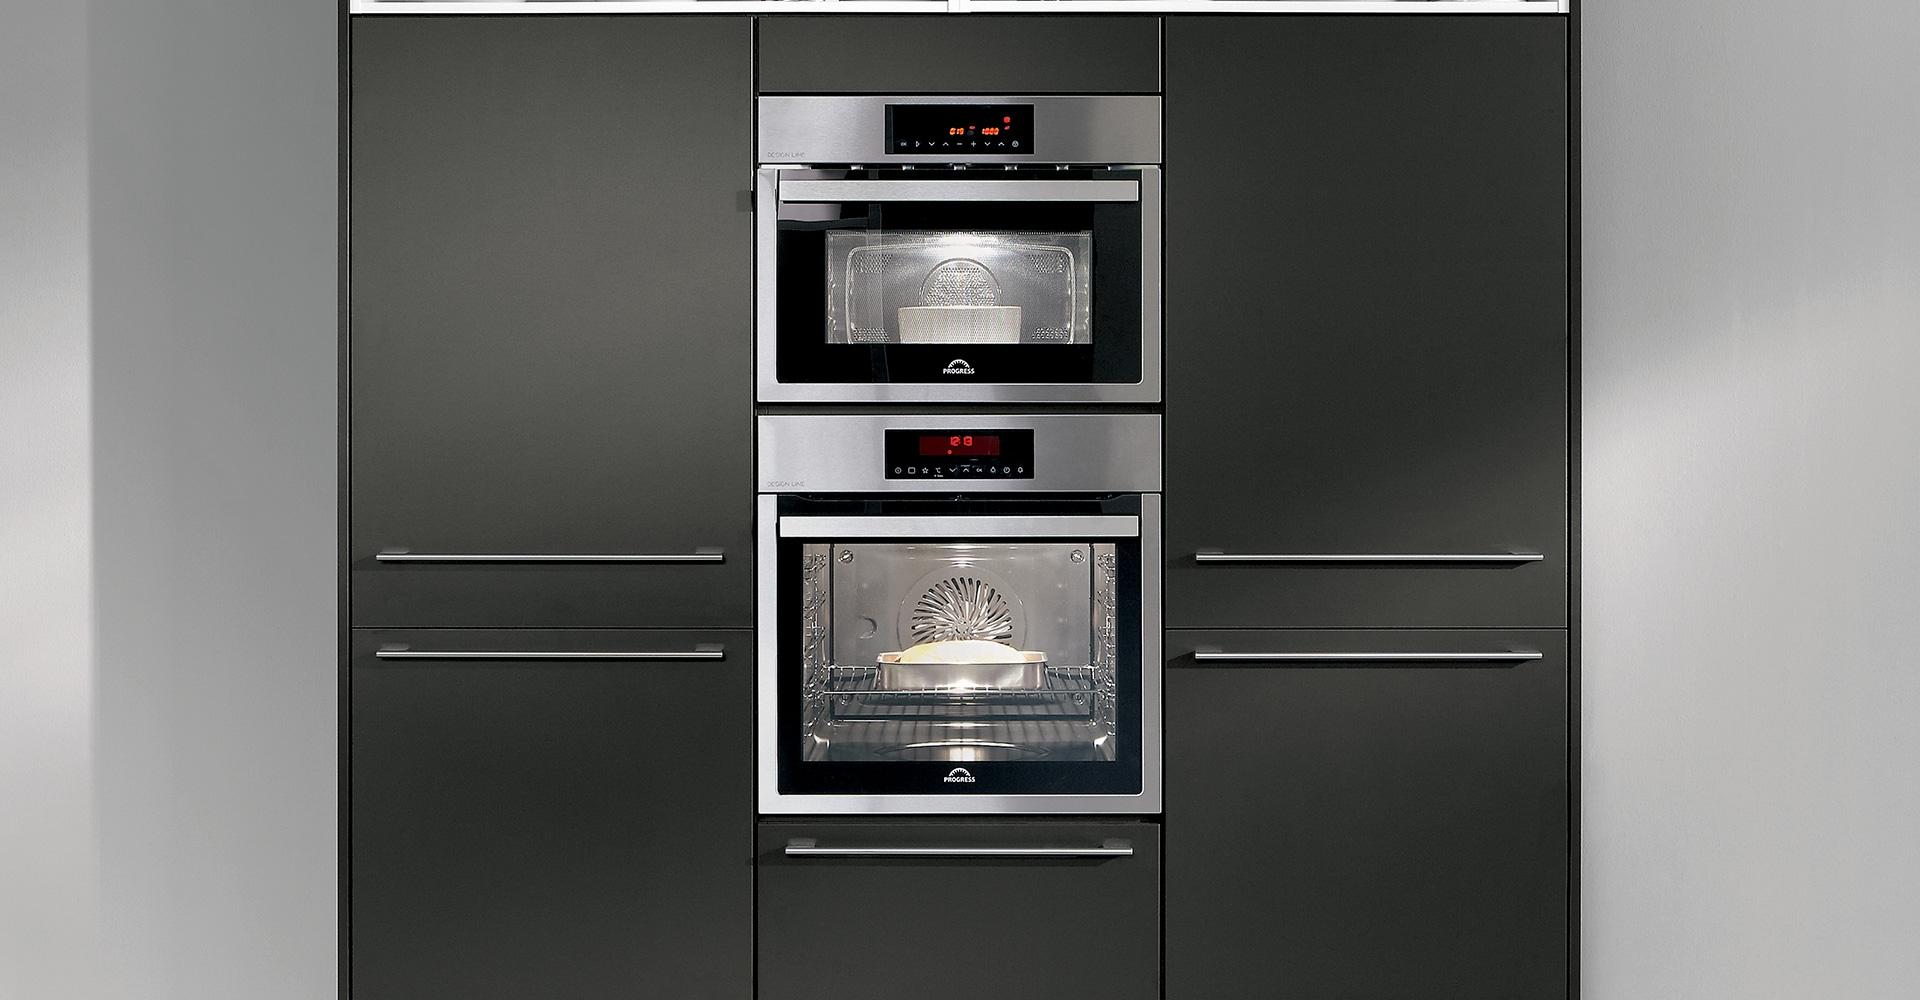 Inbouwapparatuur maakt uw keuken compleet otten keukens sanitair